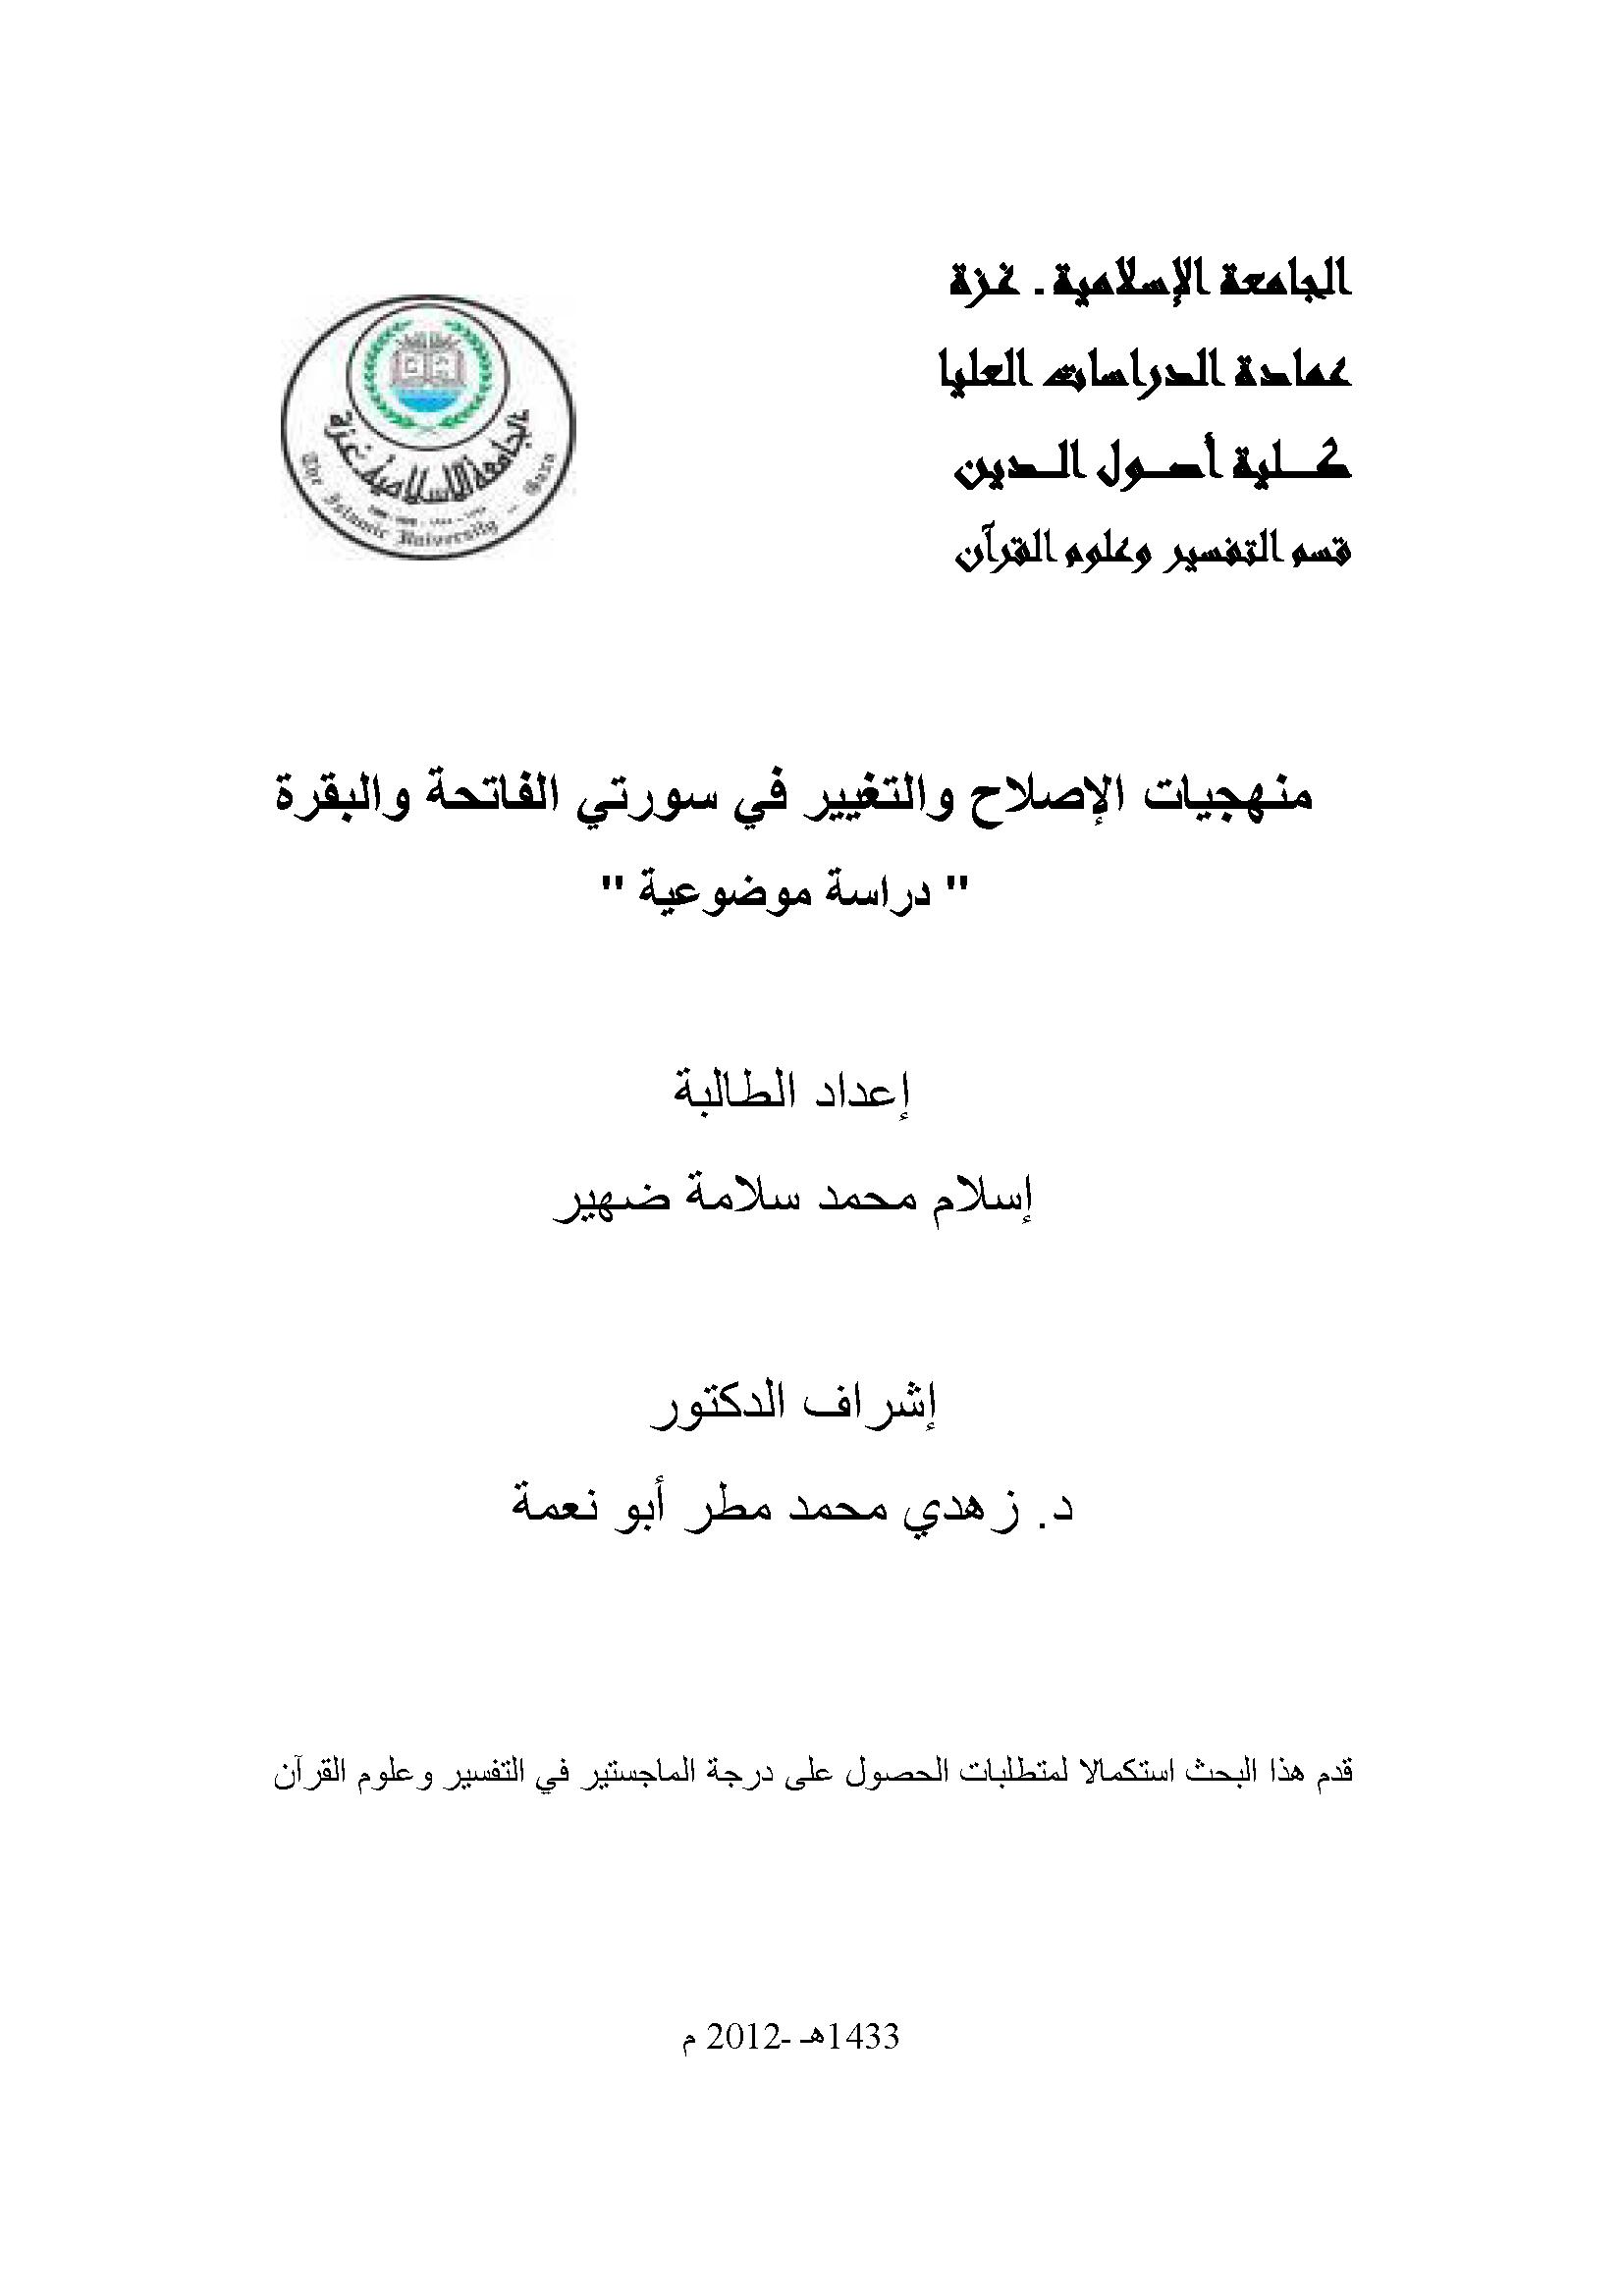 تحميل كتاب منهجيات الإصلاح والتغيير في سورتي الفاتحة والبقرة (دراسة موضوعية) لـِ: إسلام محمد سلامة ضهير